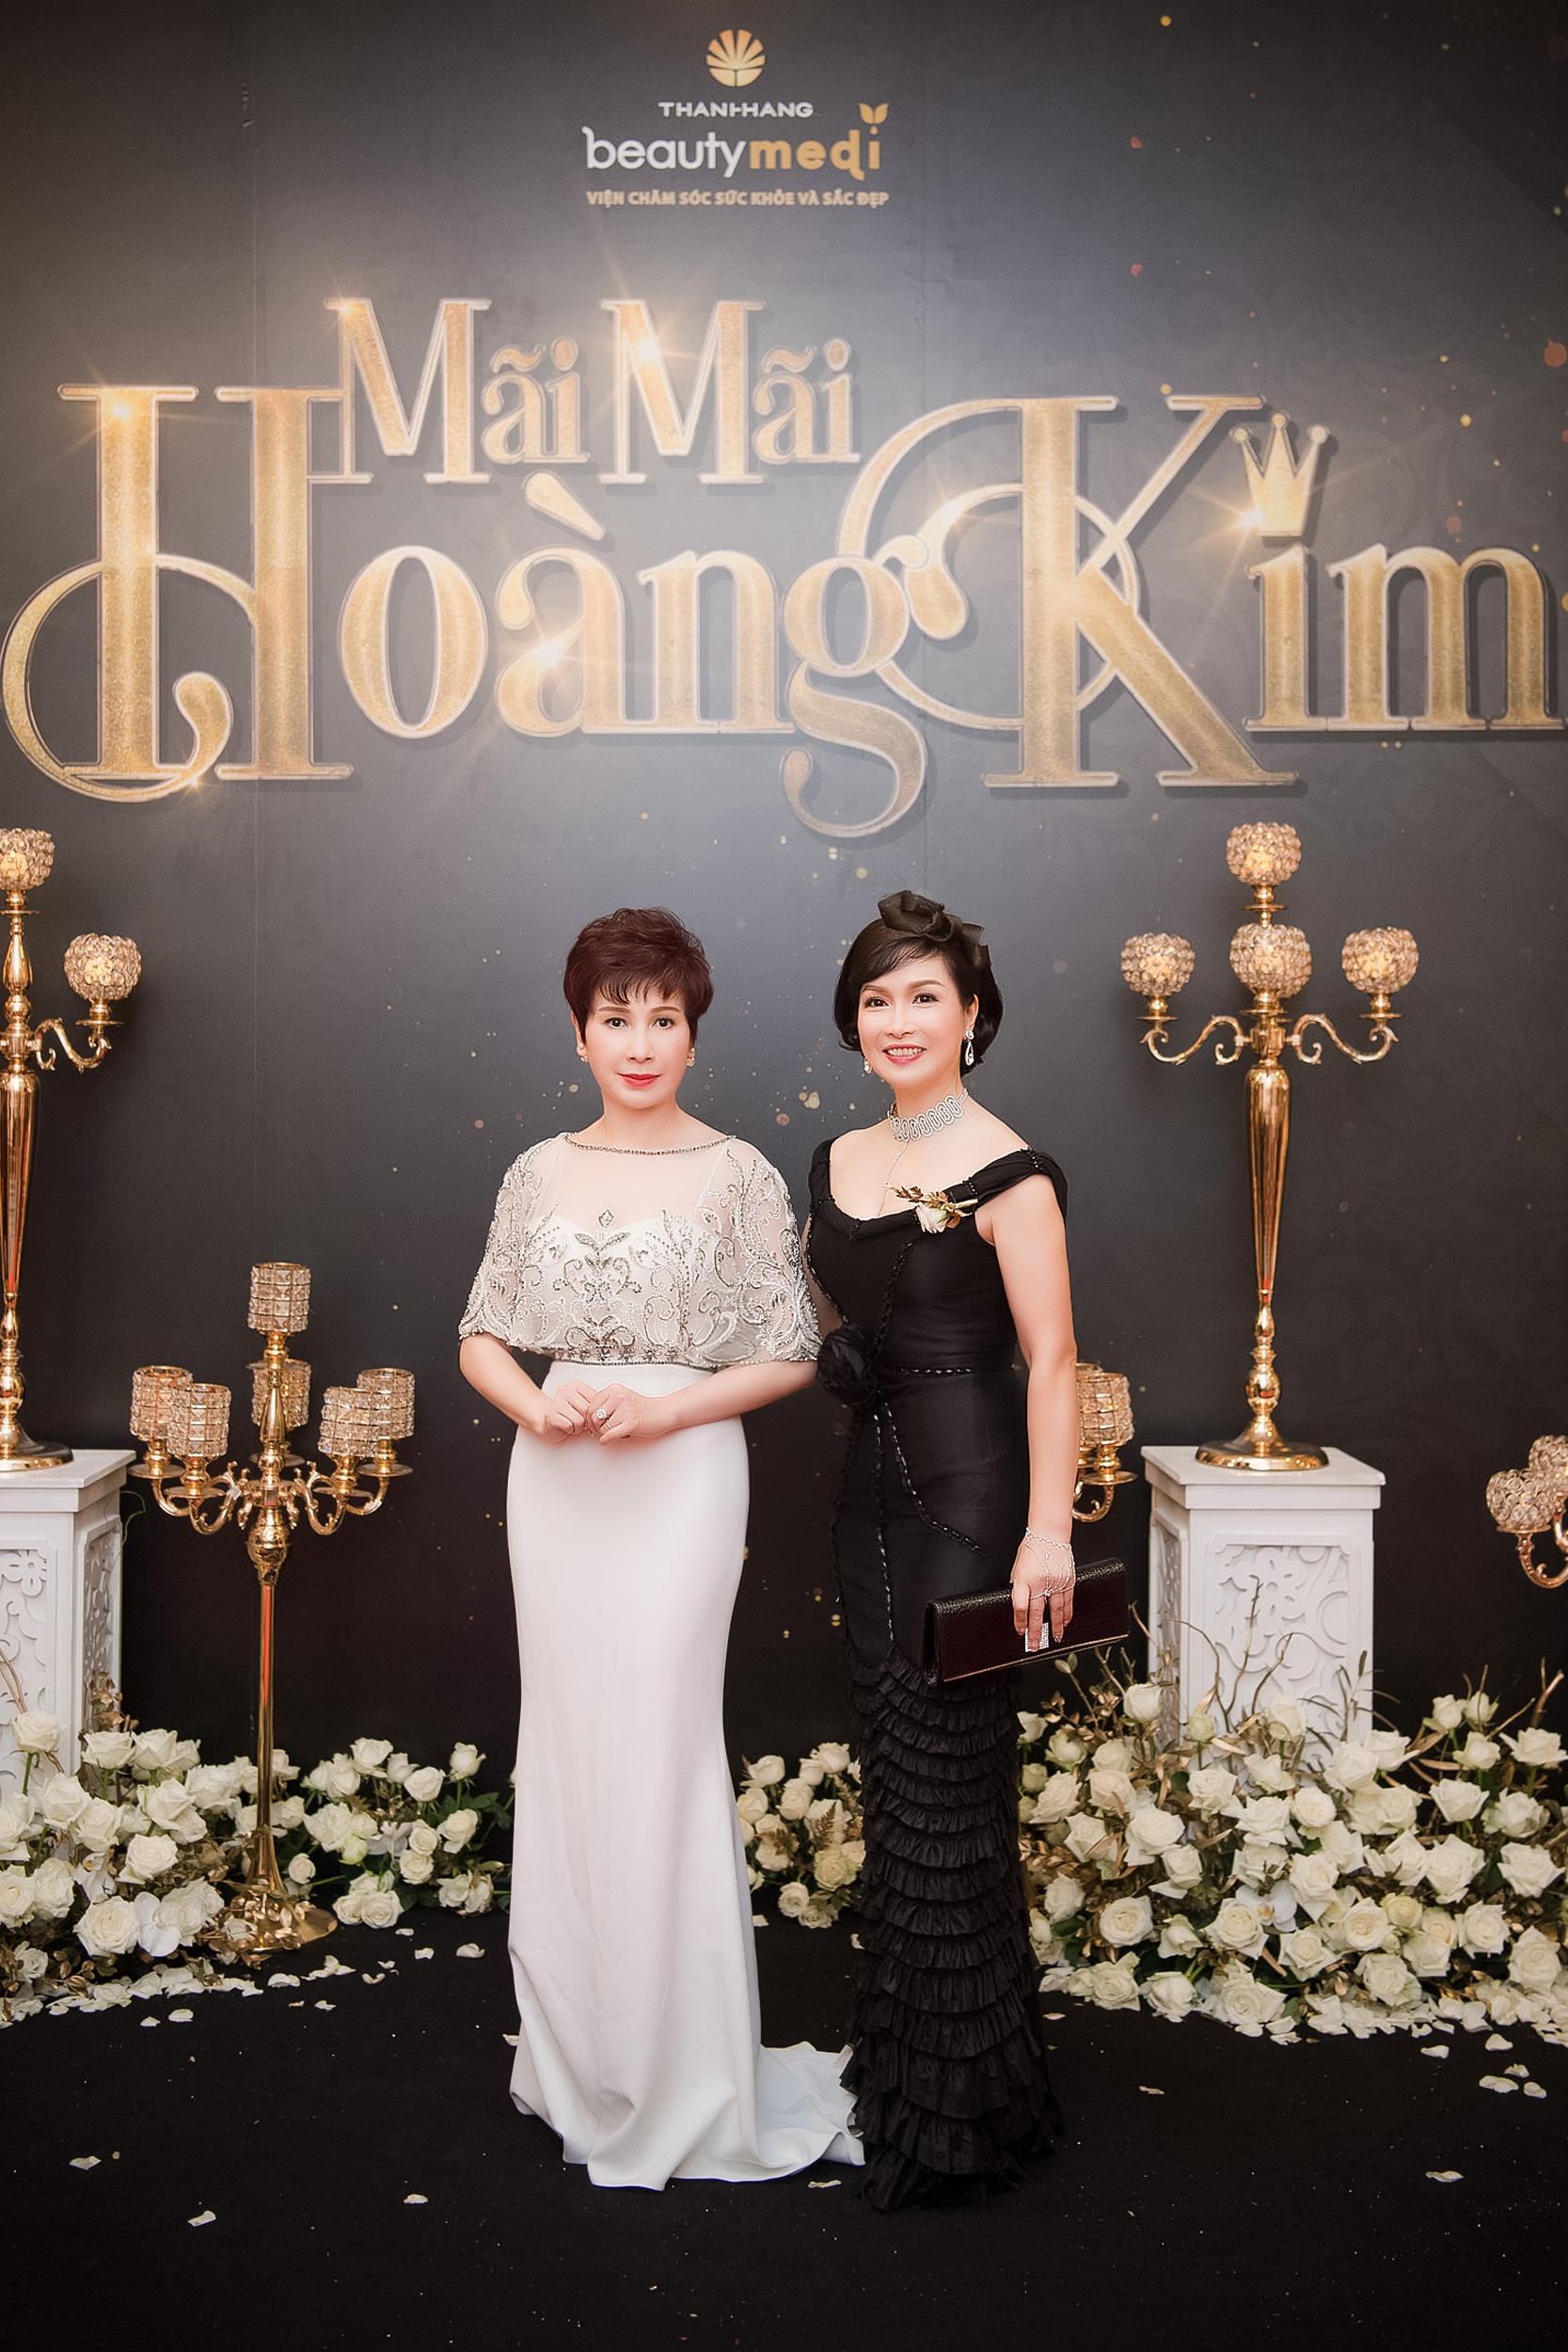 """Ở tuổi 47, ngôi sao phim """"Gia đình là số 1"""" vẫn trẻ trung và nổi bật dự sự kiện tại Việt Nam - Ảnh 8."""